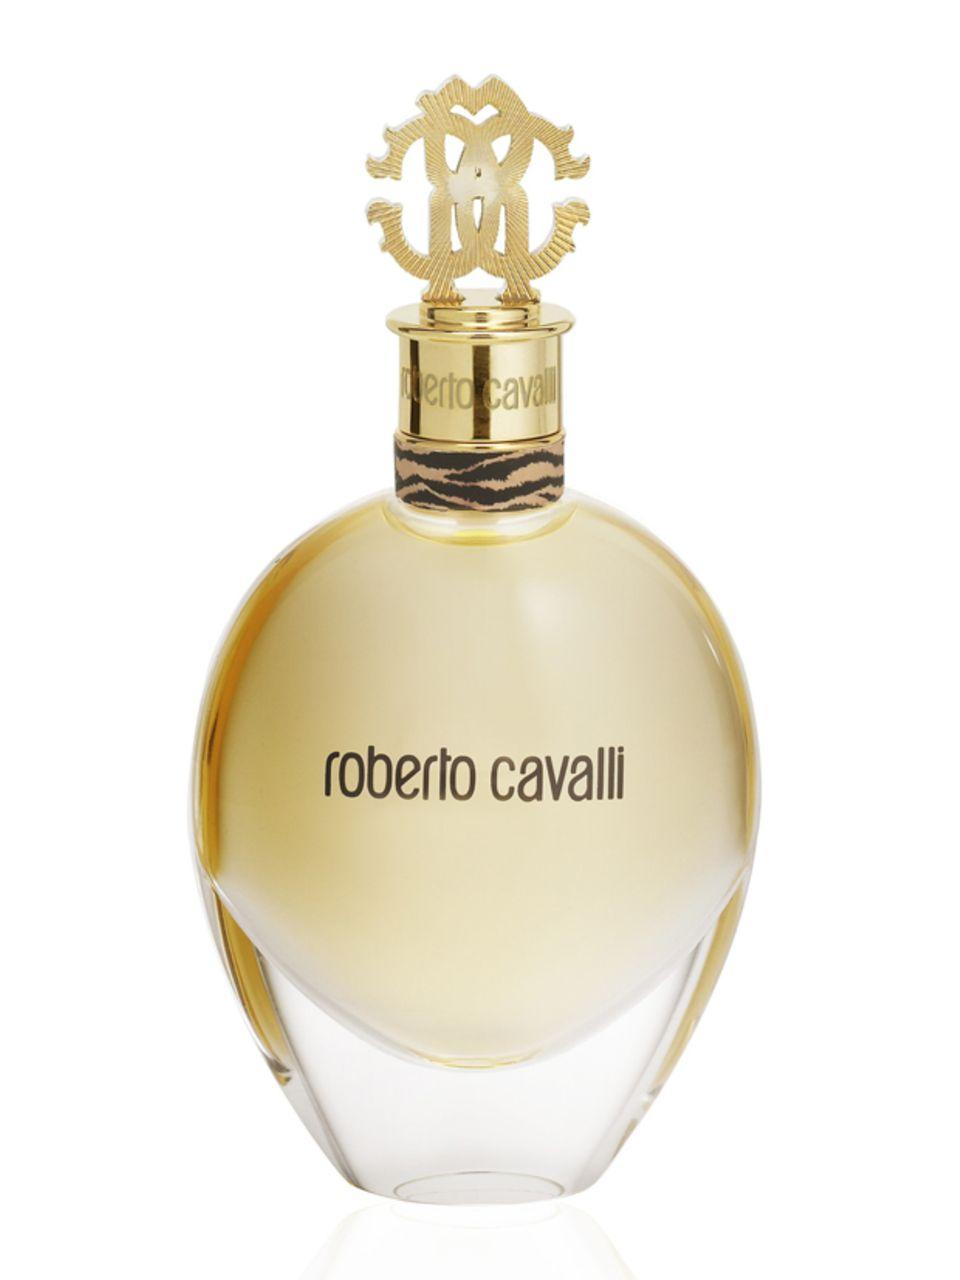 """Sinnlich wie Cavallis Mode: """"Signature"""" mit rosa Pfeffer, Orangenblüten und Amber, EdP, 50 ml, ca. 66 Euro"""